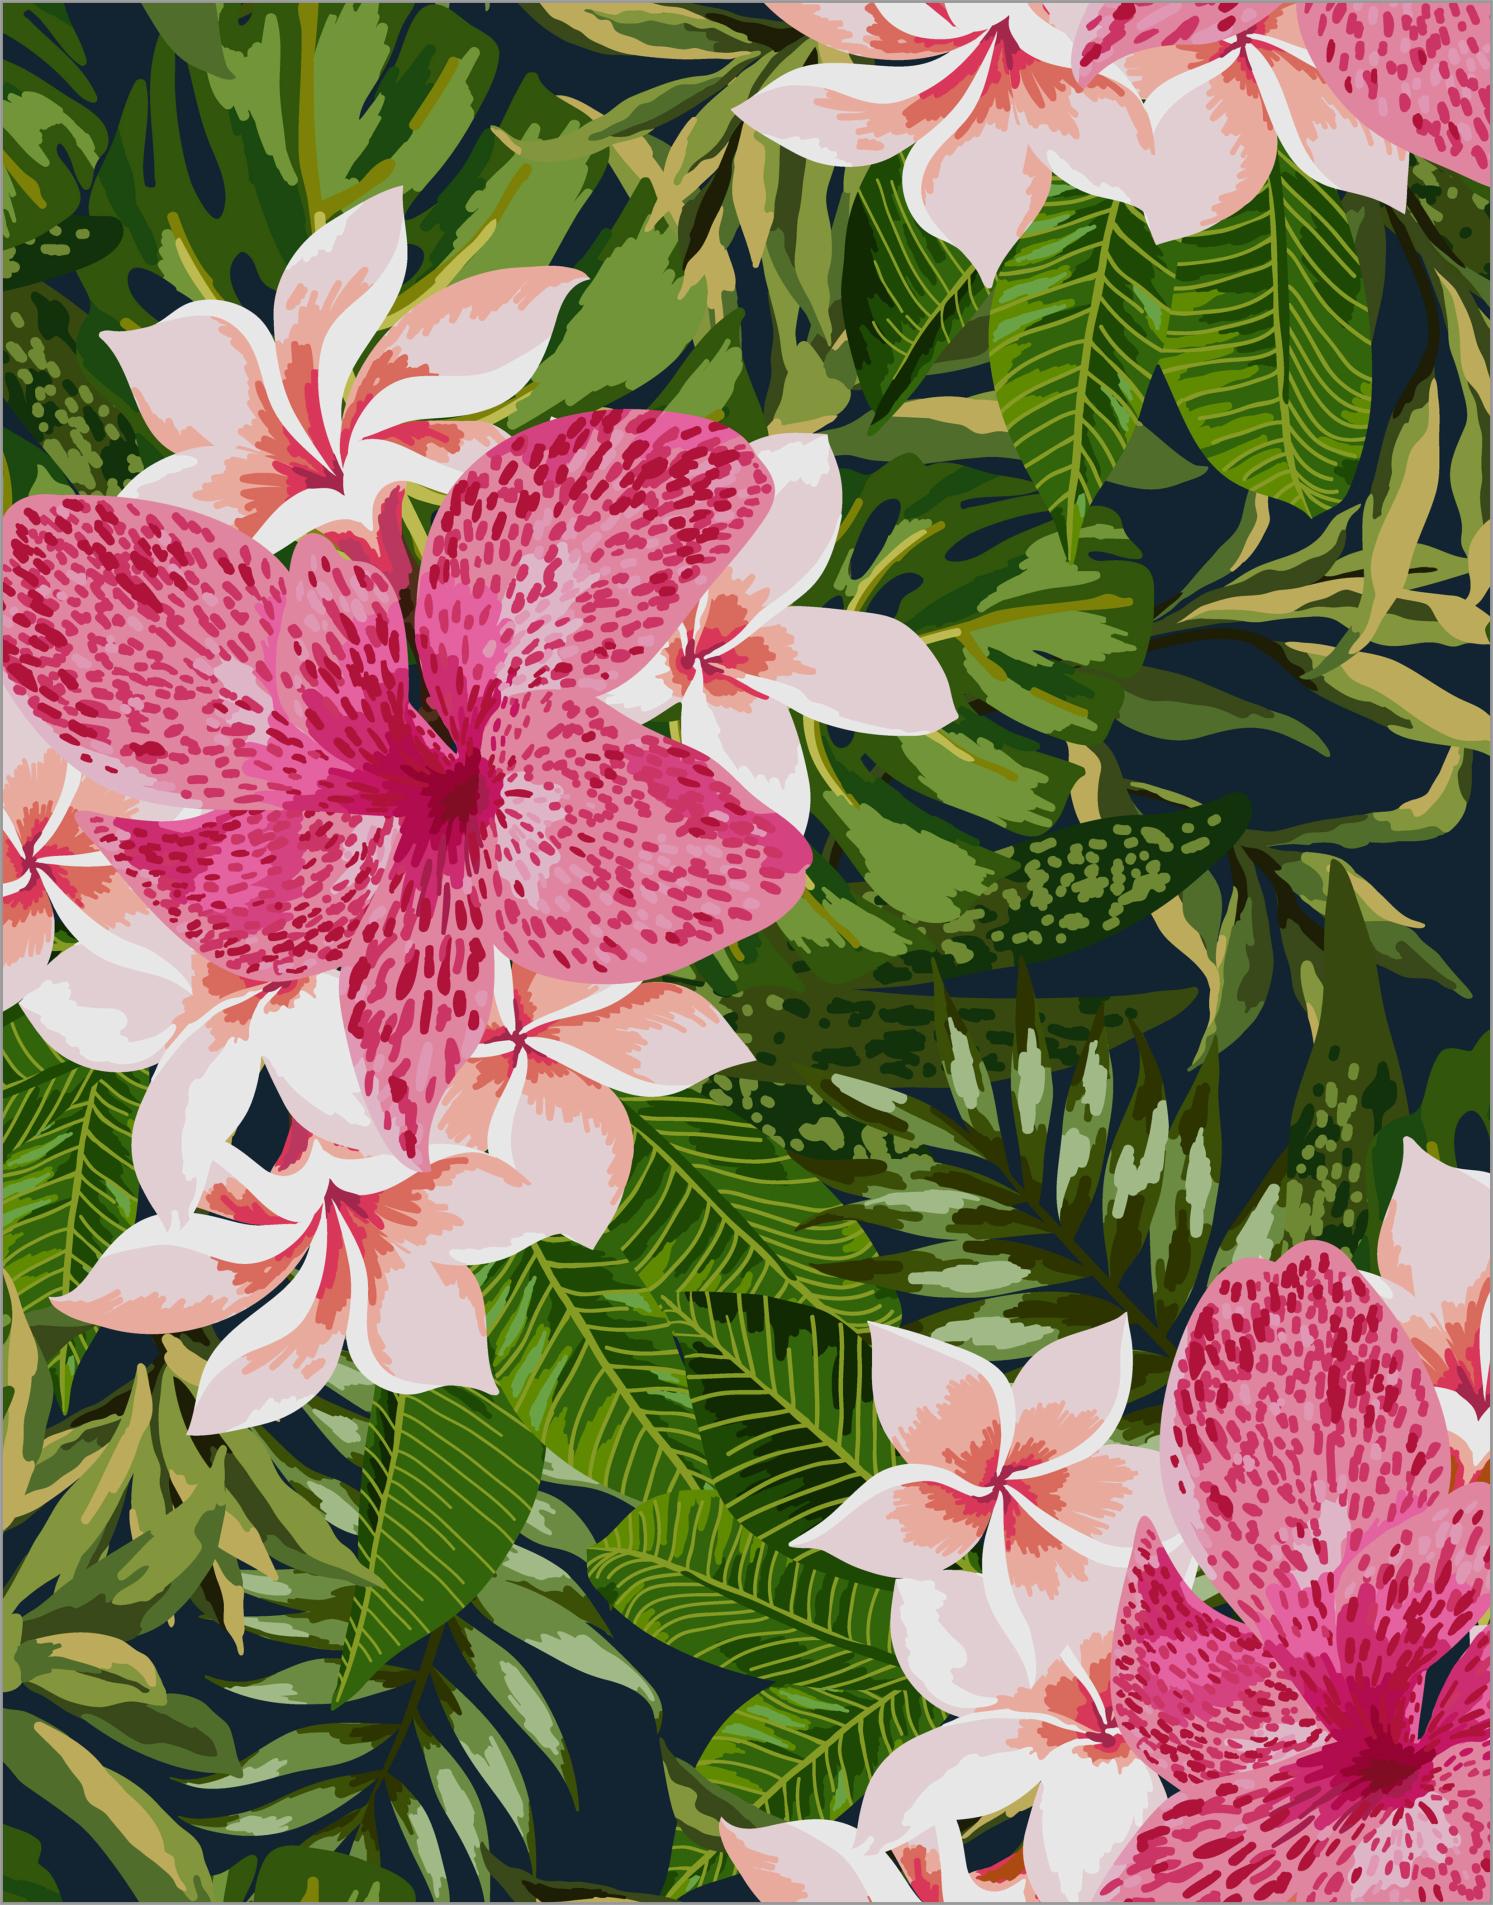 Fliesen Aufkleber Fliesen Bild Blumen Blüten Blätter Grün